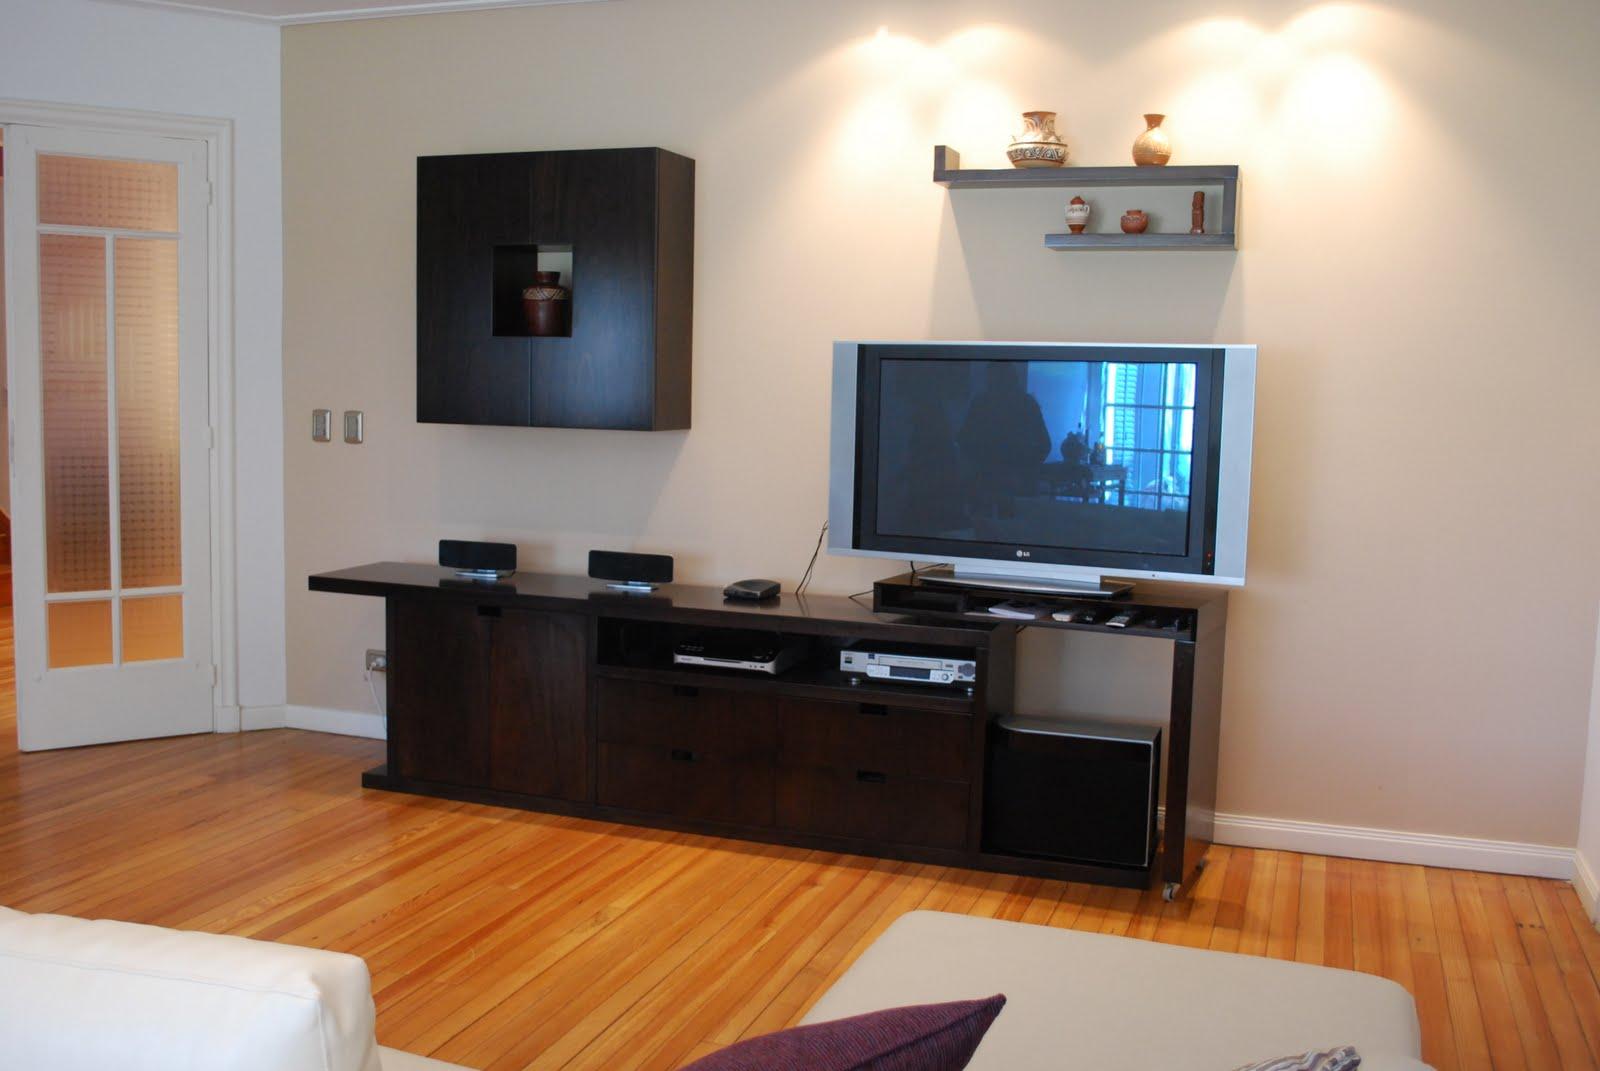 integra audio y video con objetos decorativos y lugares de guardado